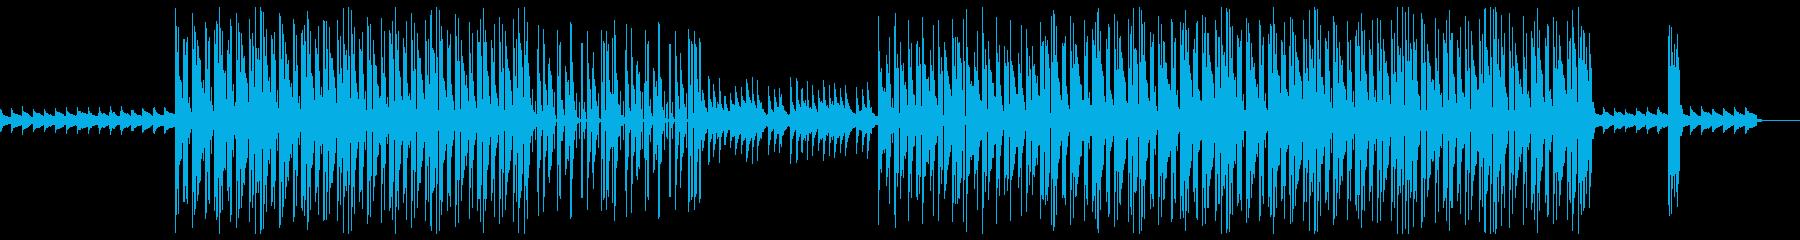 レトロ 切ない 哀愁 トラップビートの再生済みの波形